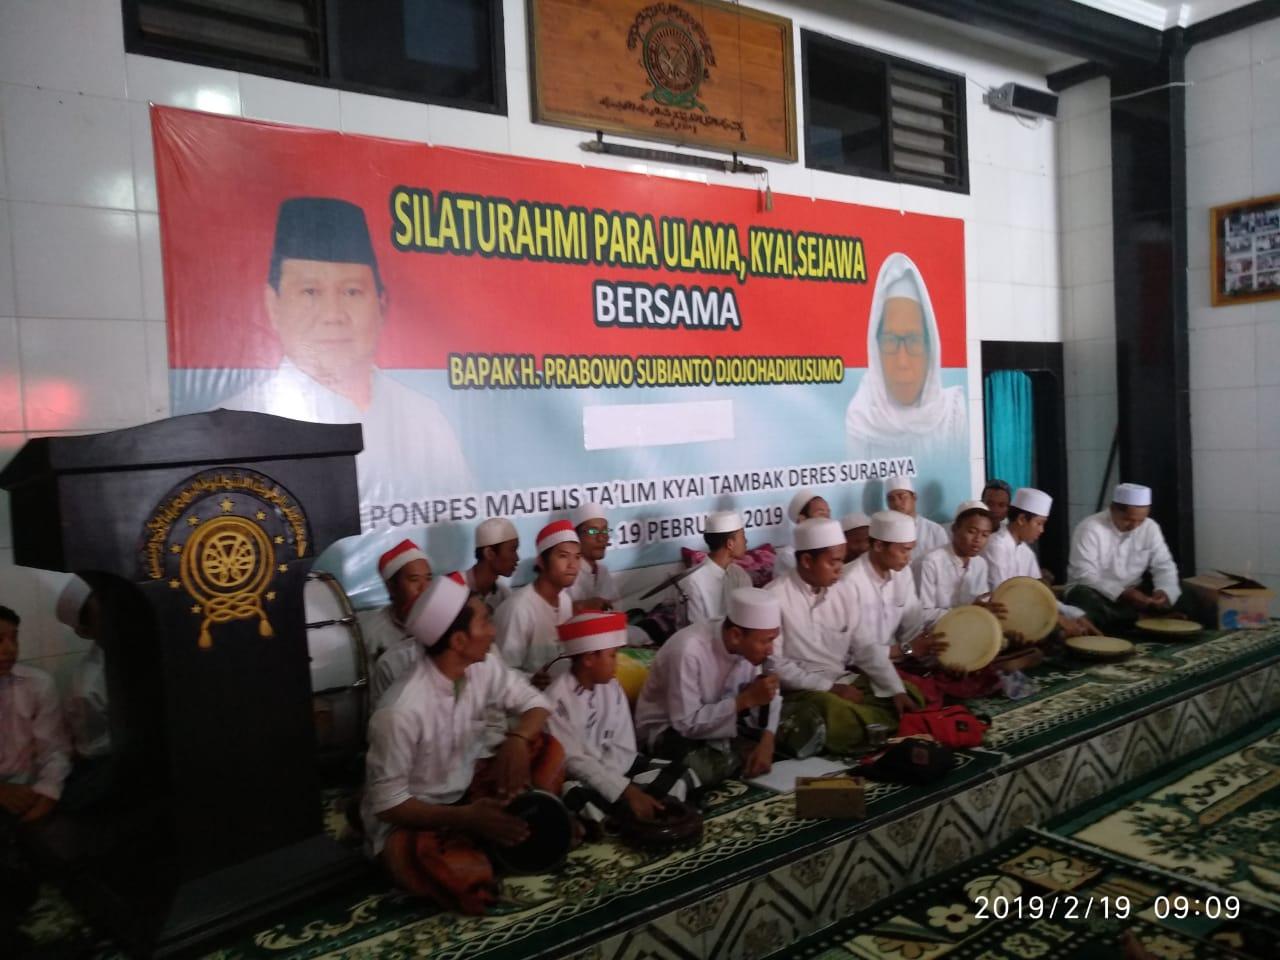 Dihadang Segelintir Oknum, Begini Sambutan Masyarakat Asli Surabaya Kepada Prabowo